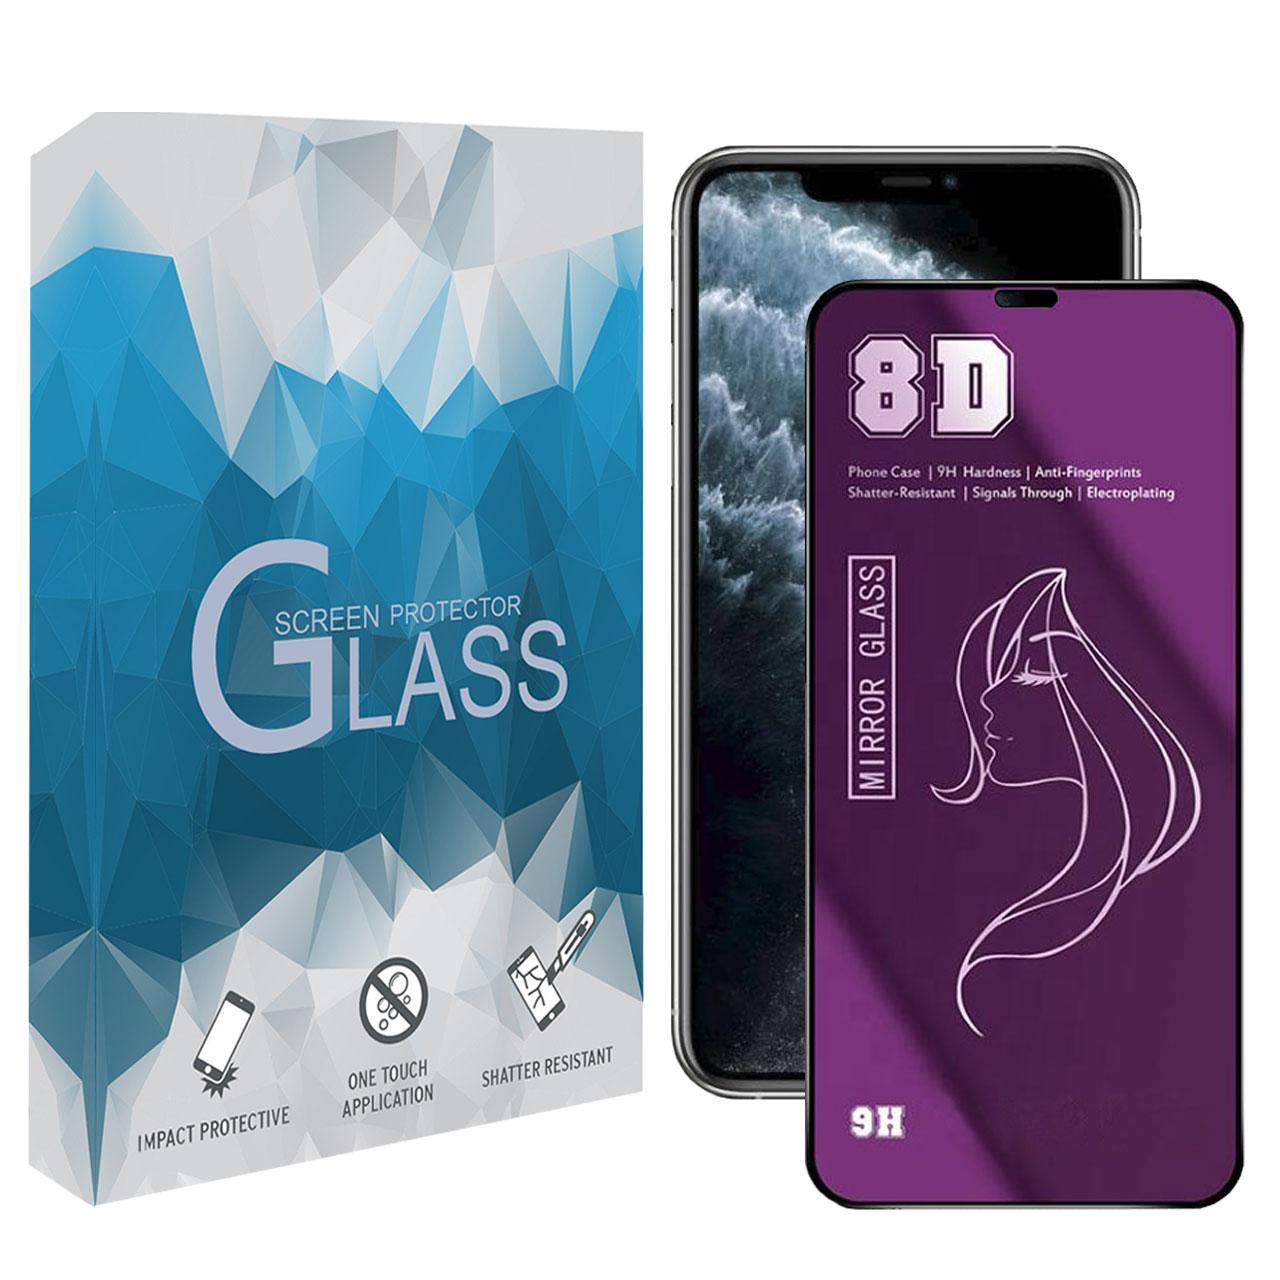 محافظ صفحه نمایش 8D مدل MBSP مناسب برای گوشی موبایل اپل iPhone 11 Pro Max